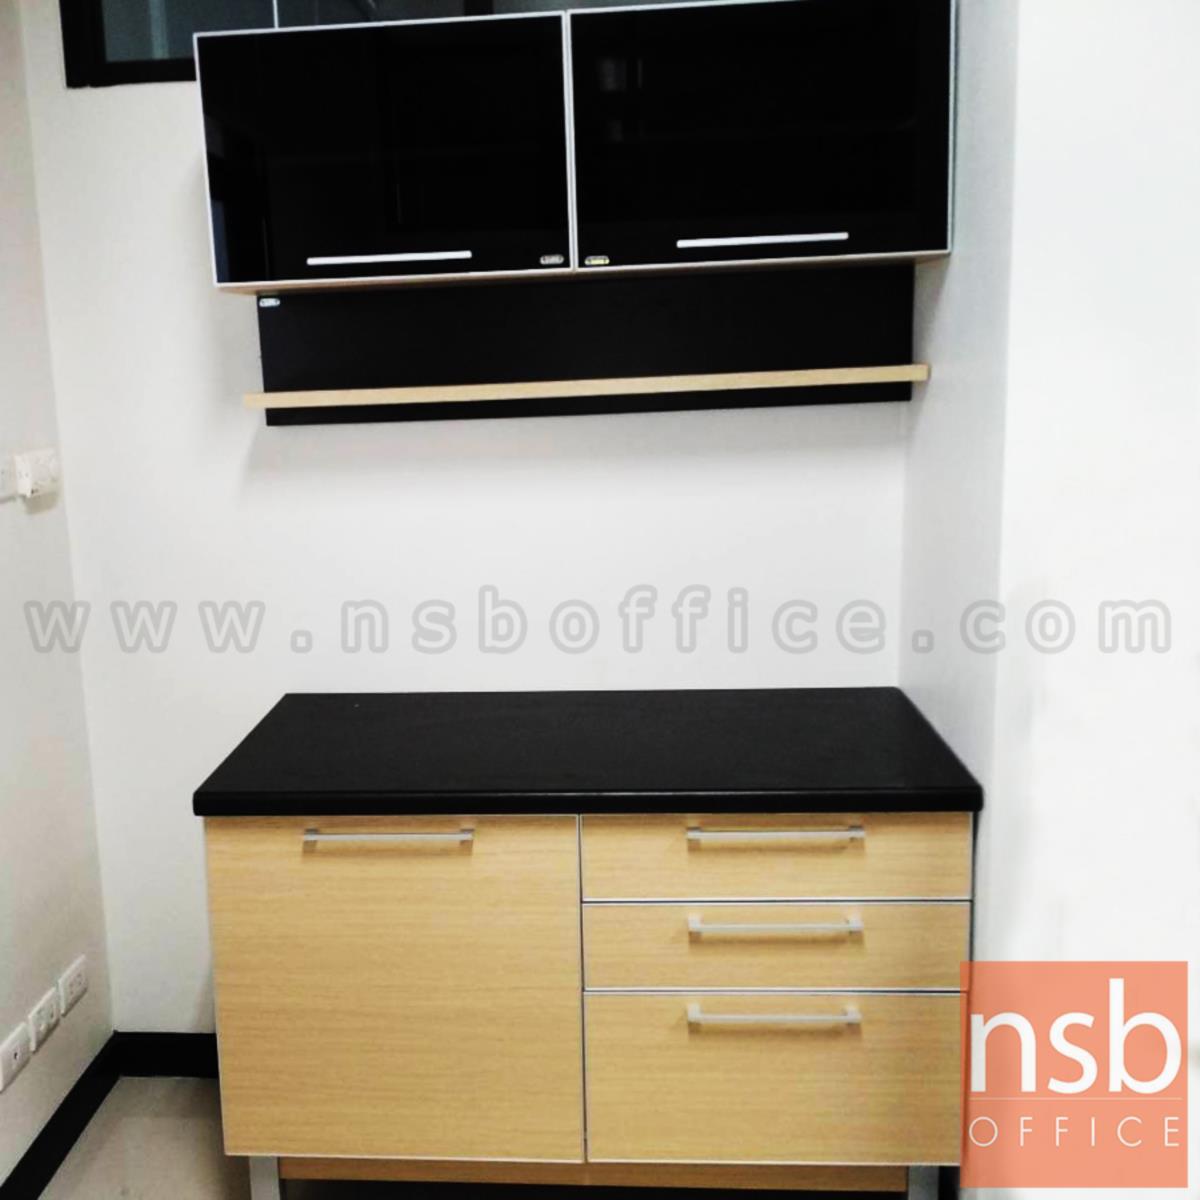 ชุดตู้ครัวสีบีทดำ 120W cm. รุ่น Step 91  (สำหรับครัวเปียกและครัวแห้ง)